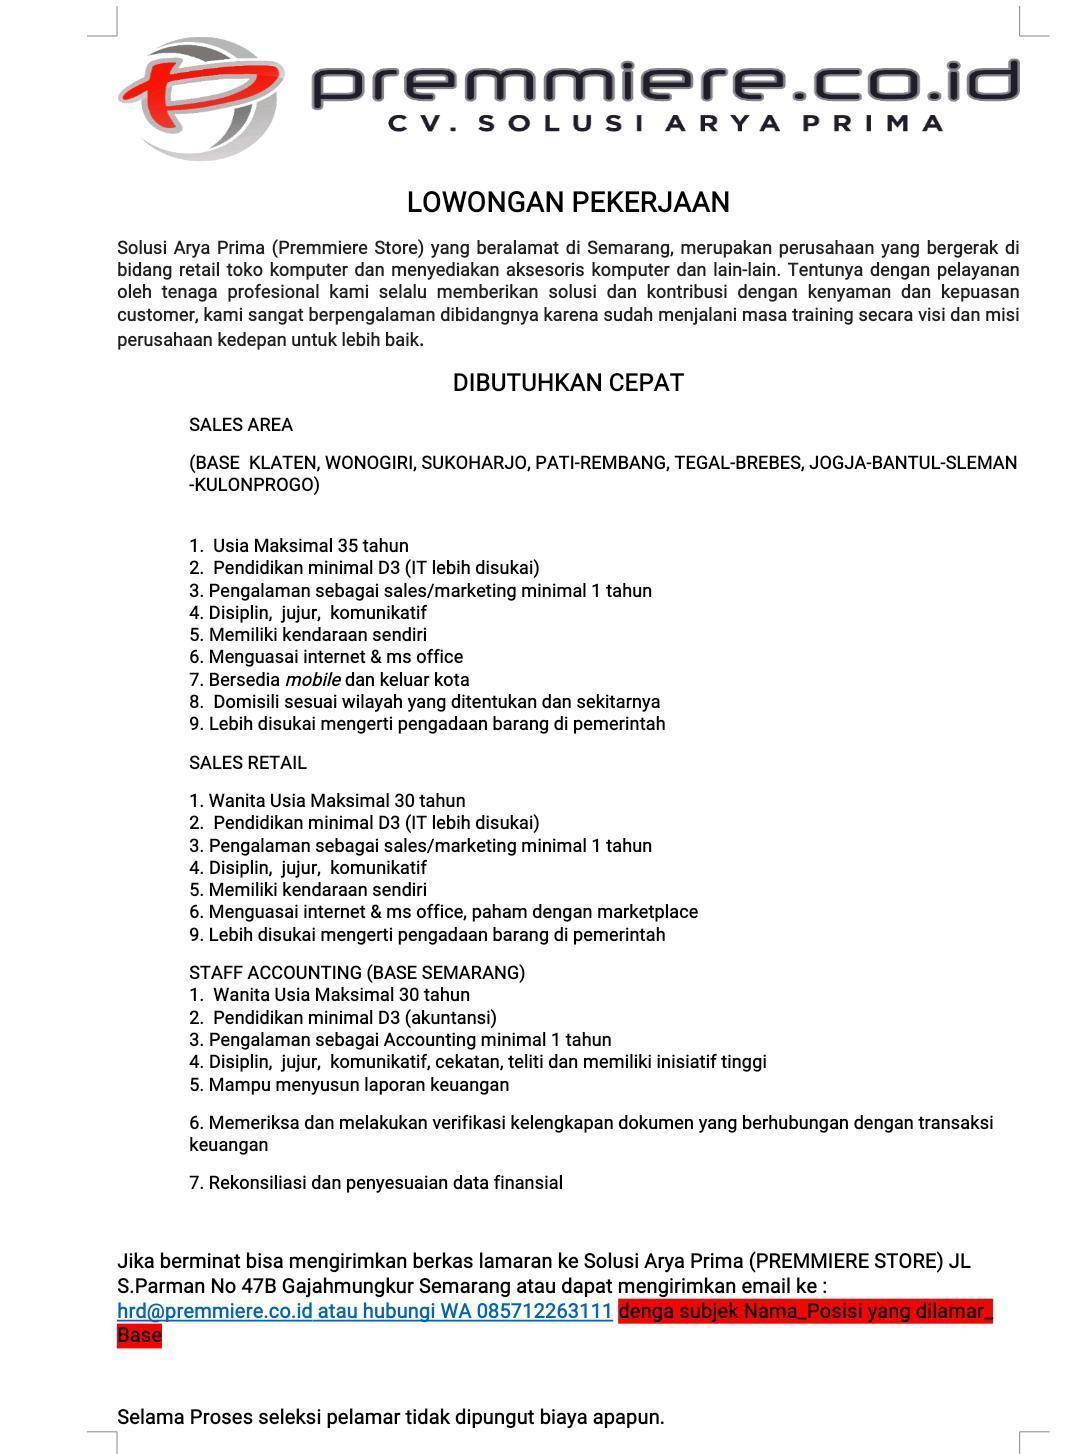 CV Solusi Arya Prima Membuka Lowongan Kerja Sebagai Sales Area, Sales Retail & Staff Accounting